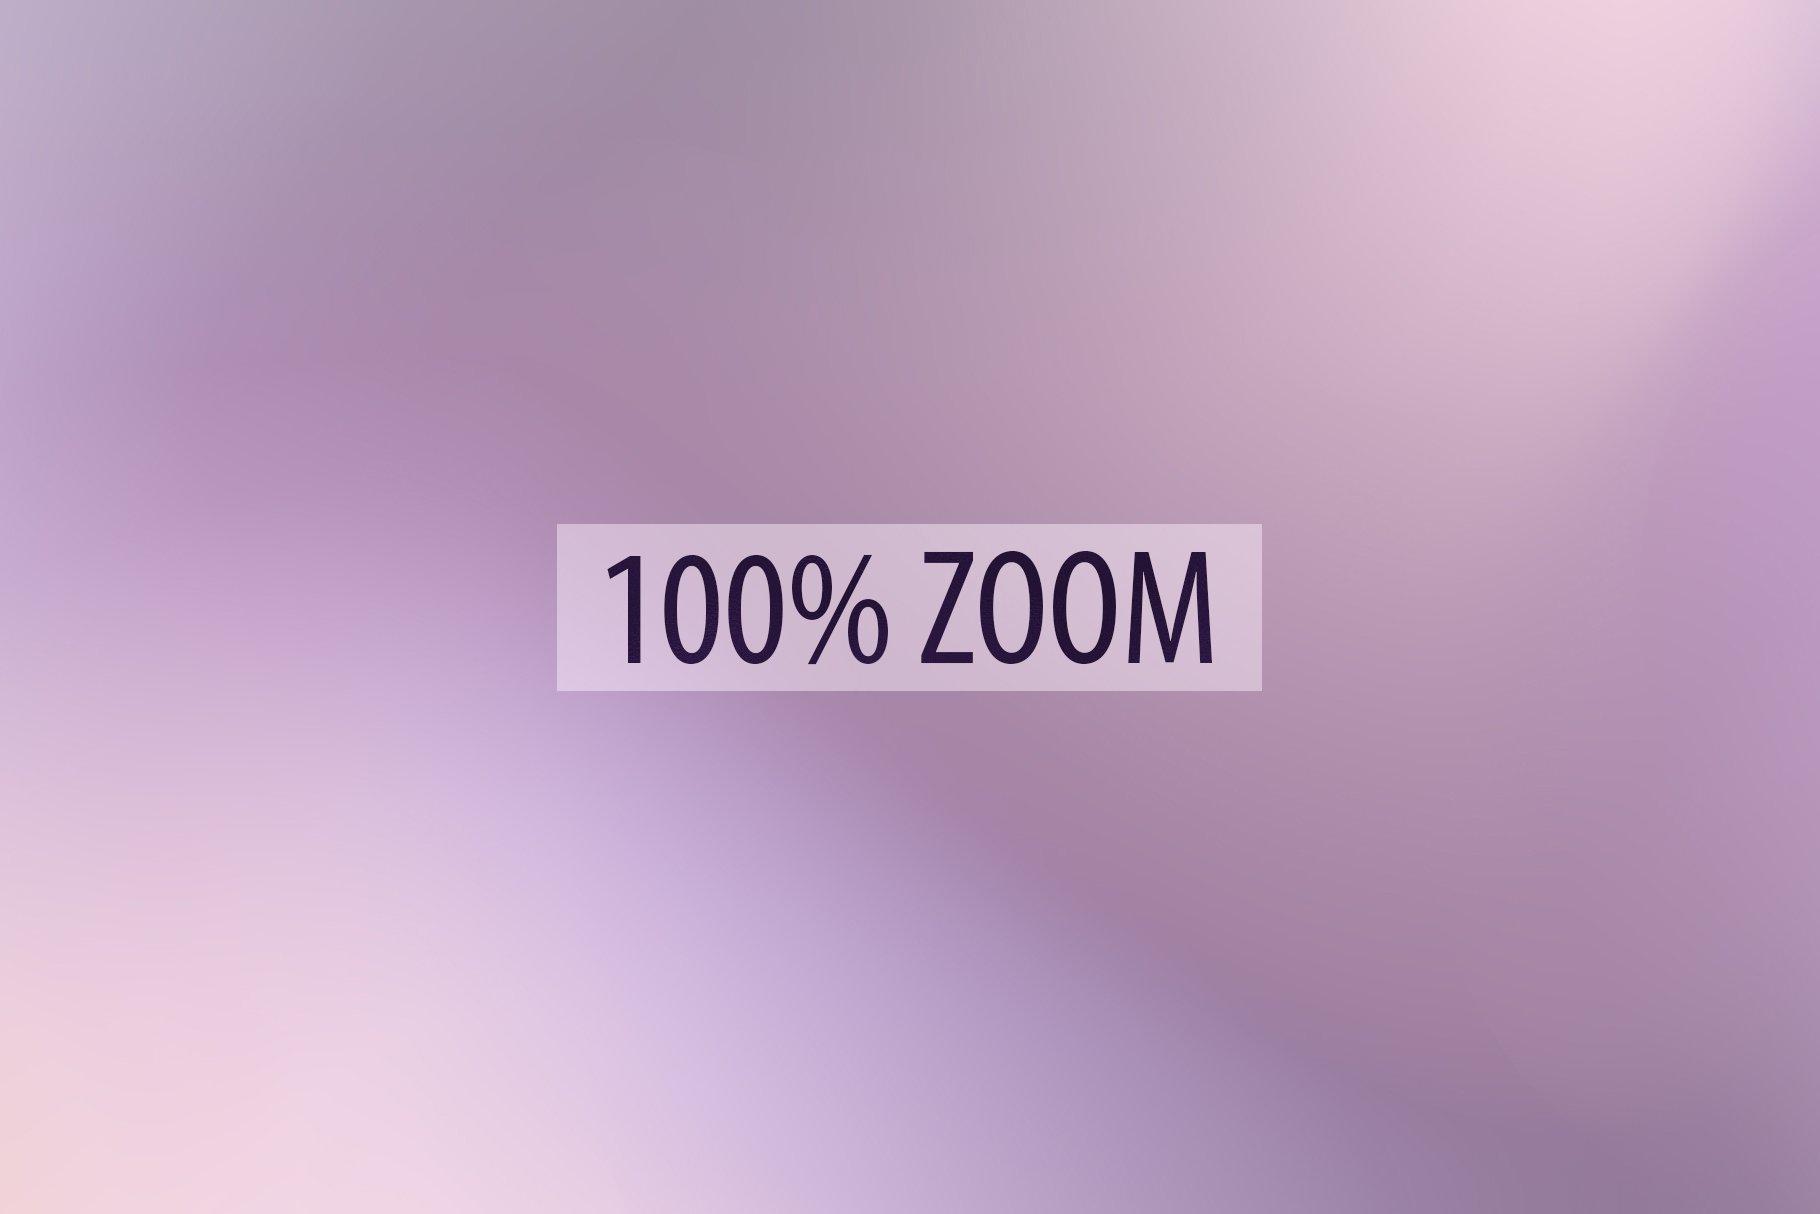 抽象紫色海军蓝绿色调丙烯酸油漆笔刷背景纹理图片素材 Brushstroke Textures Collection插图(7)